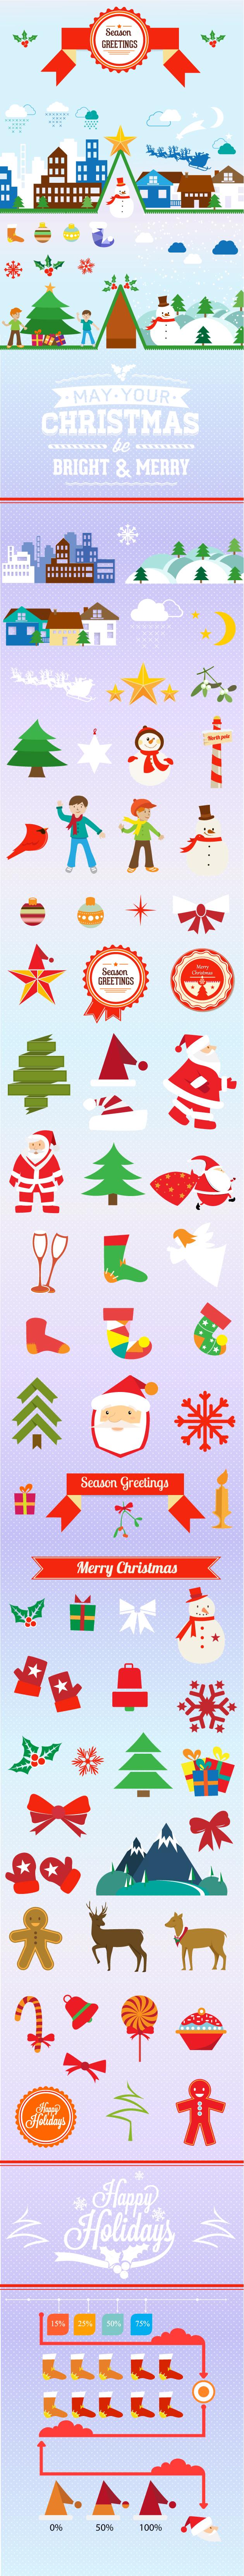 season-greetings-flat-vector